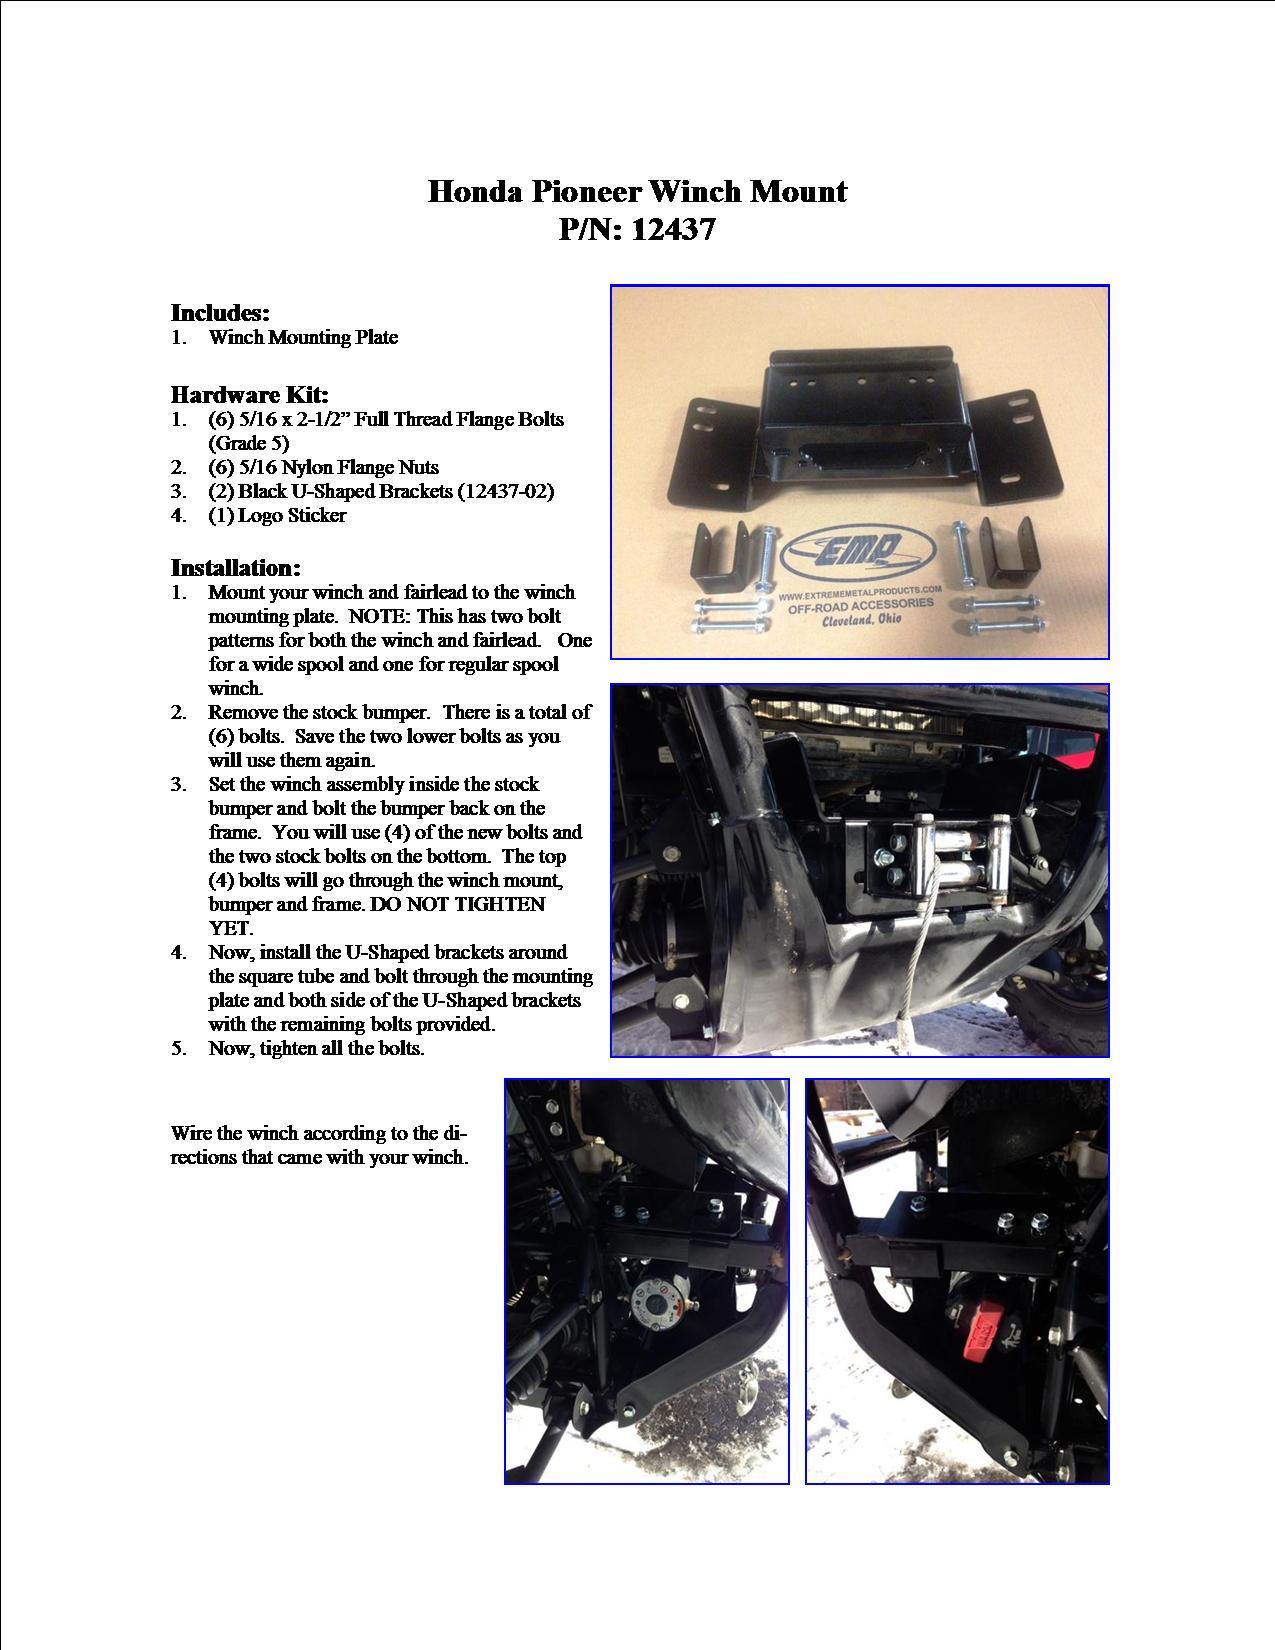 hight resolution of honda pioneer winch wiring block and schematic diagrams u2022 gorilla atv winch wiring schematics at